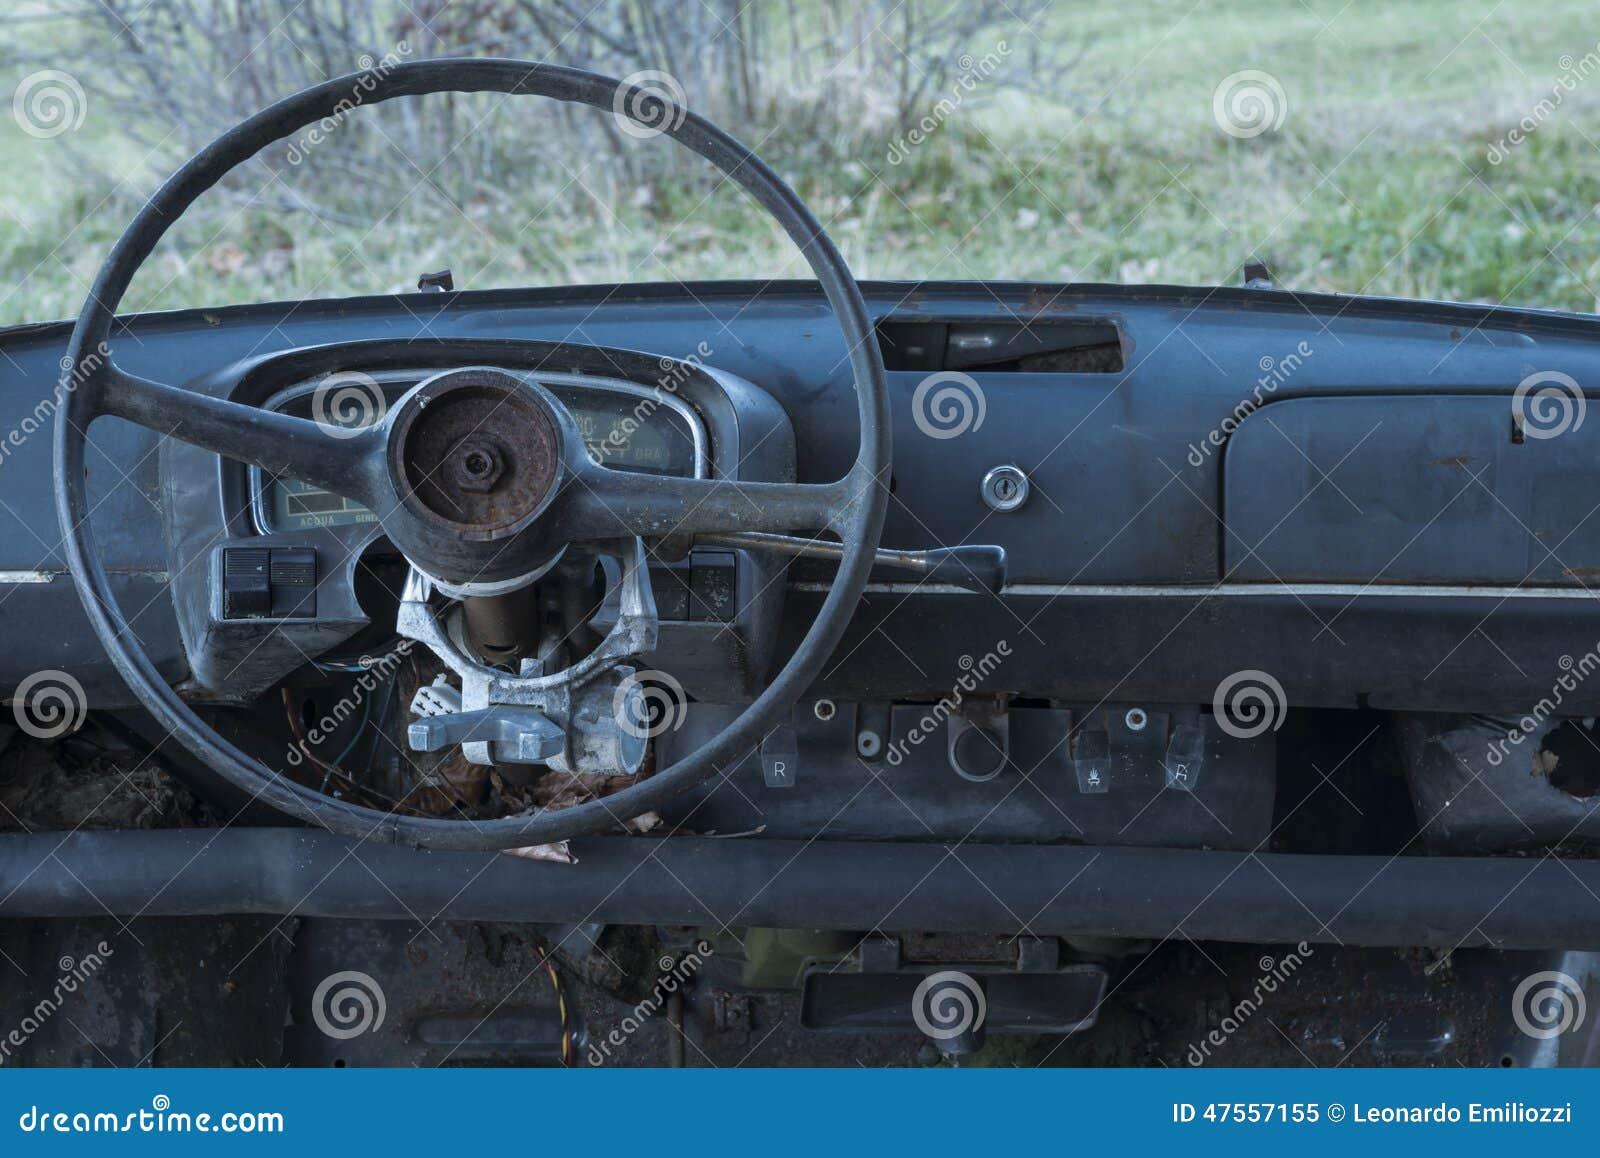 vieille voiture abandonn e tableau de bord et volant image stock image 47557155. Black Bedroom Furniture Sets. Home Design Ideas